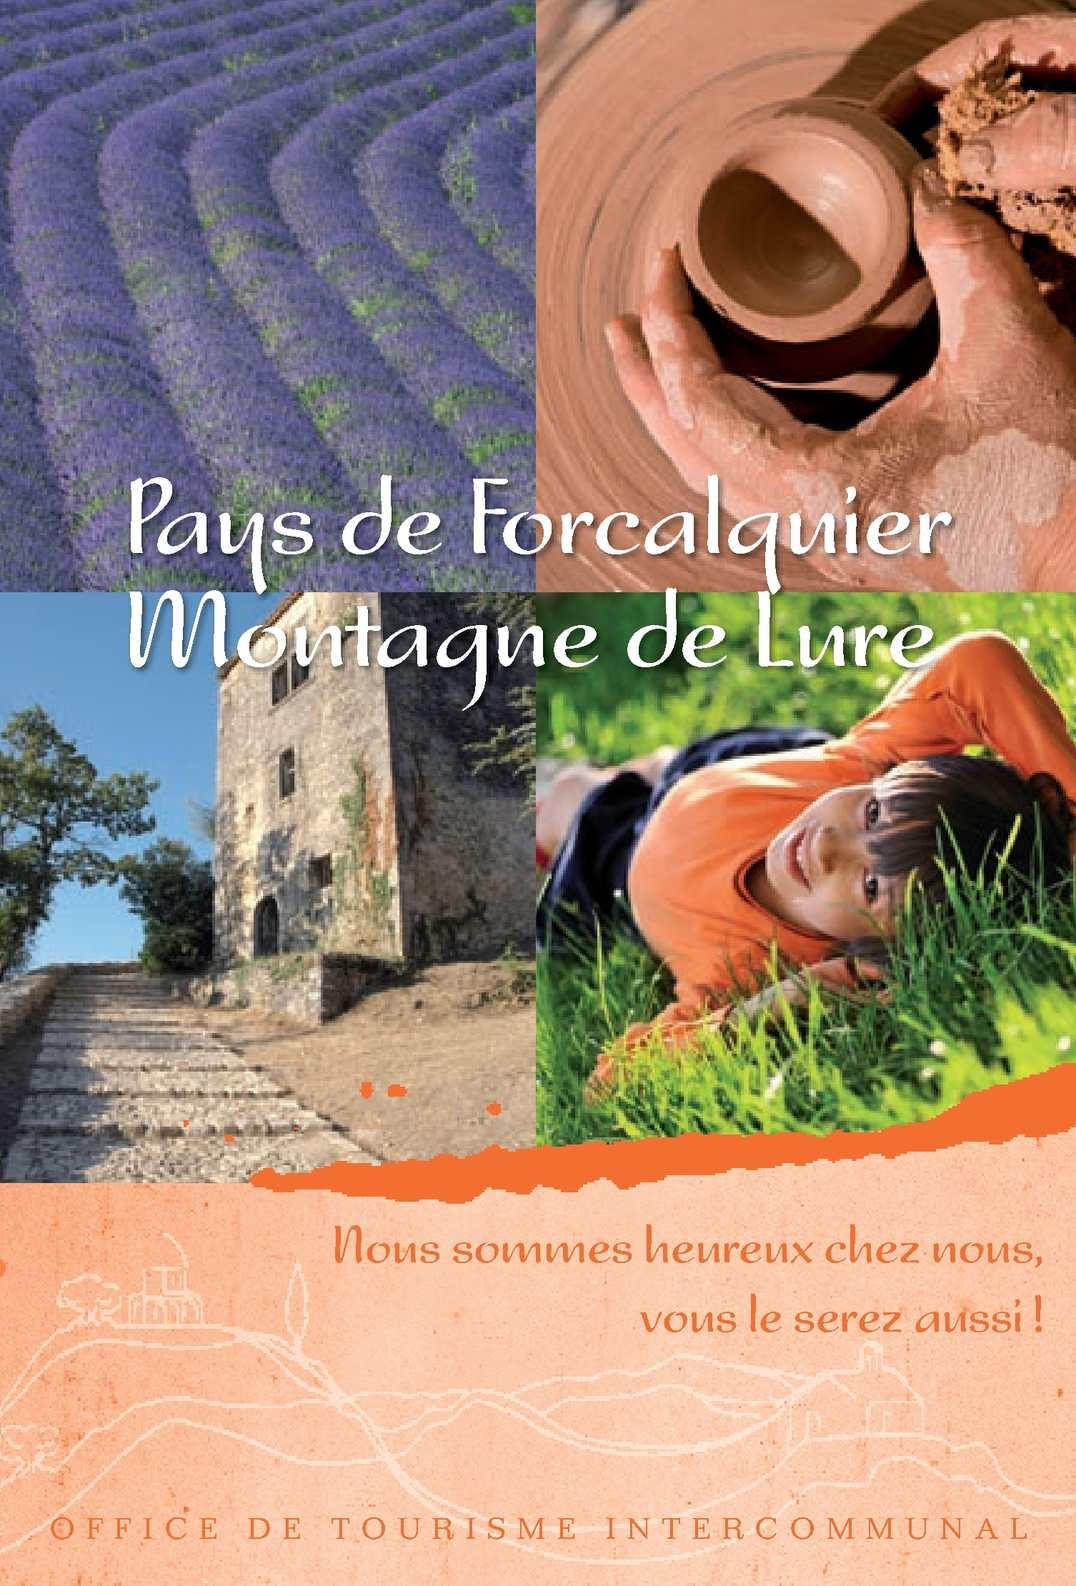 Calam o guide touristique pays de forcalquier montagne de lure 2011 - Office du tourisme forcalquier ...